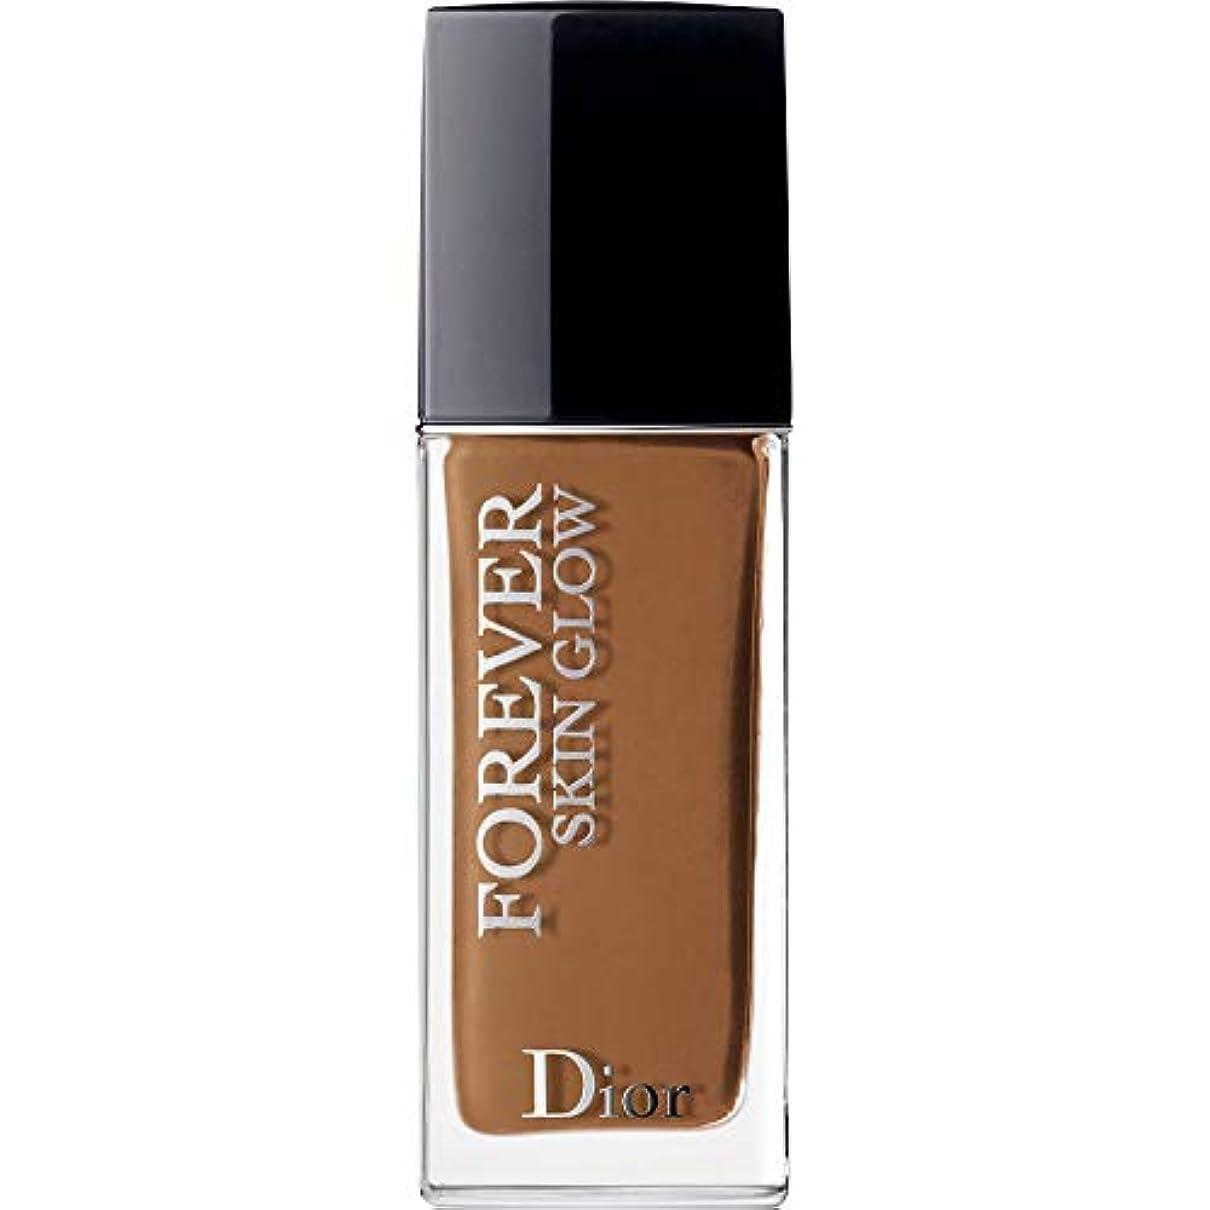 肉腫デザートフィドル[Dior ] ディオール永遠に皮膚グロー皮膚思いやりの基礎Spf35 30ミリリットルの7N - ニュートラル(肌の輝き) - DIOR Forever Skin Glow Skin-Caring Foundation...